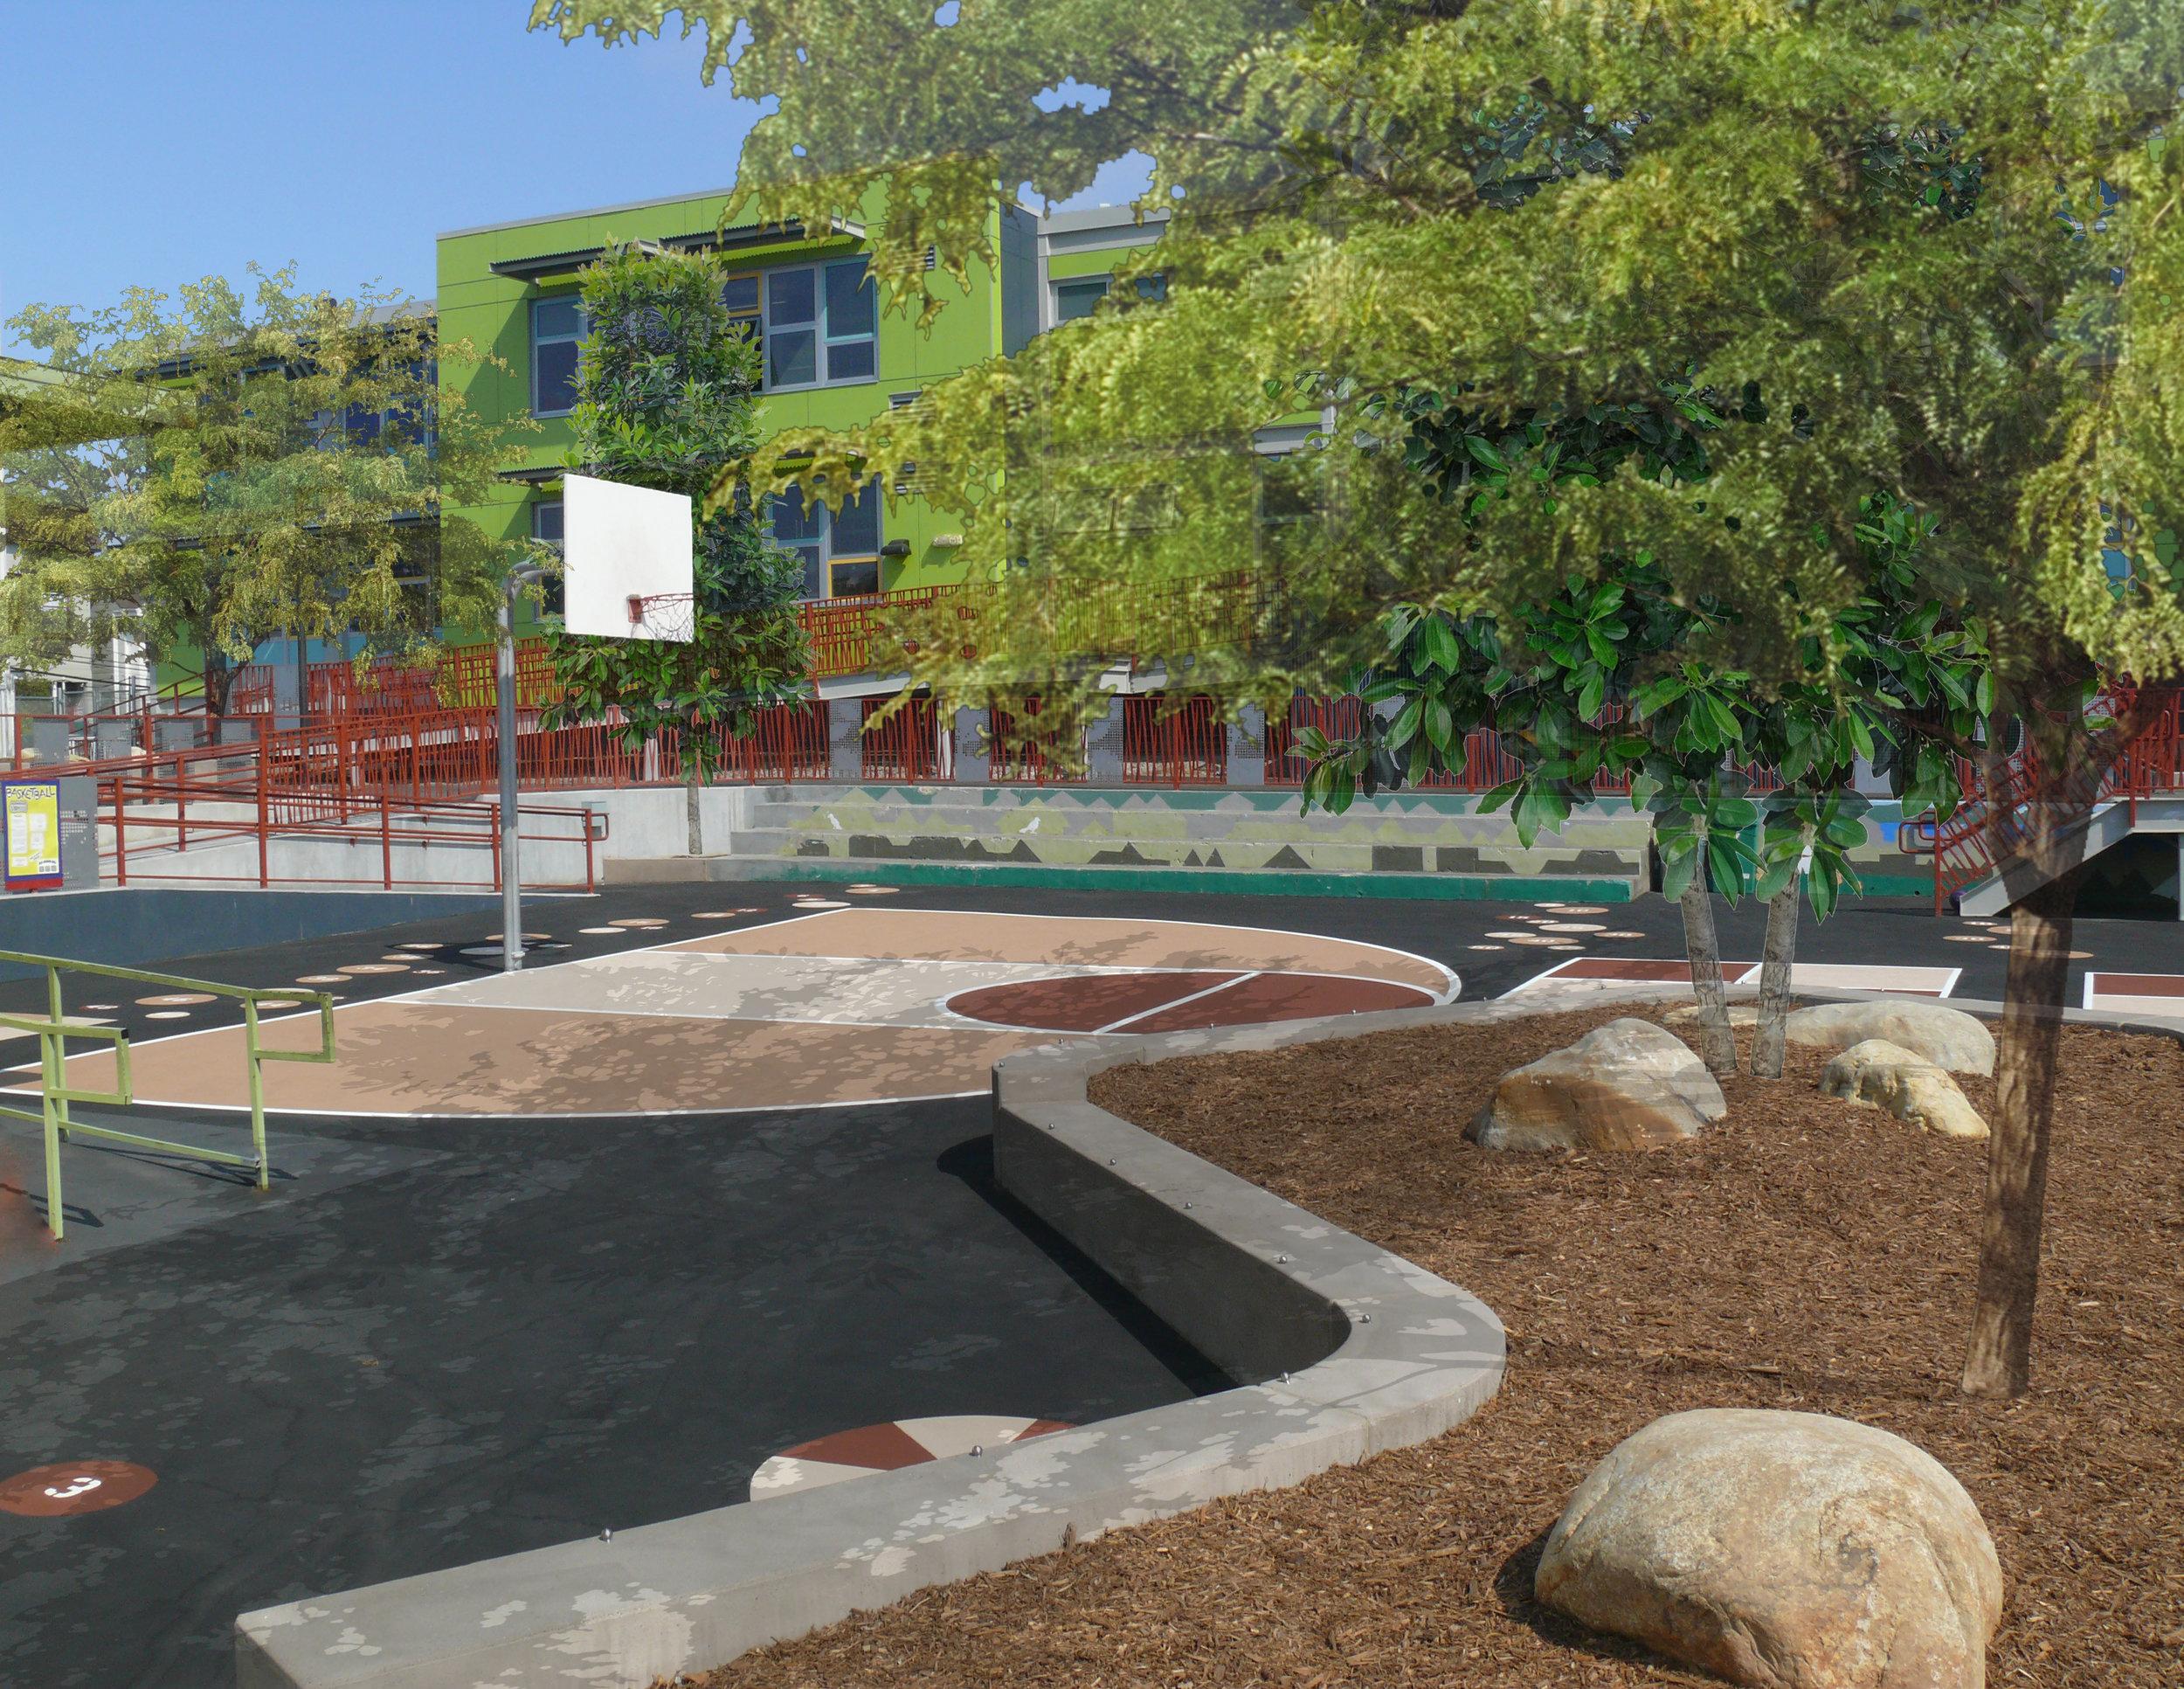 Daniel Webster Elementary School Green Schoolyard